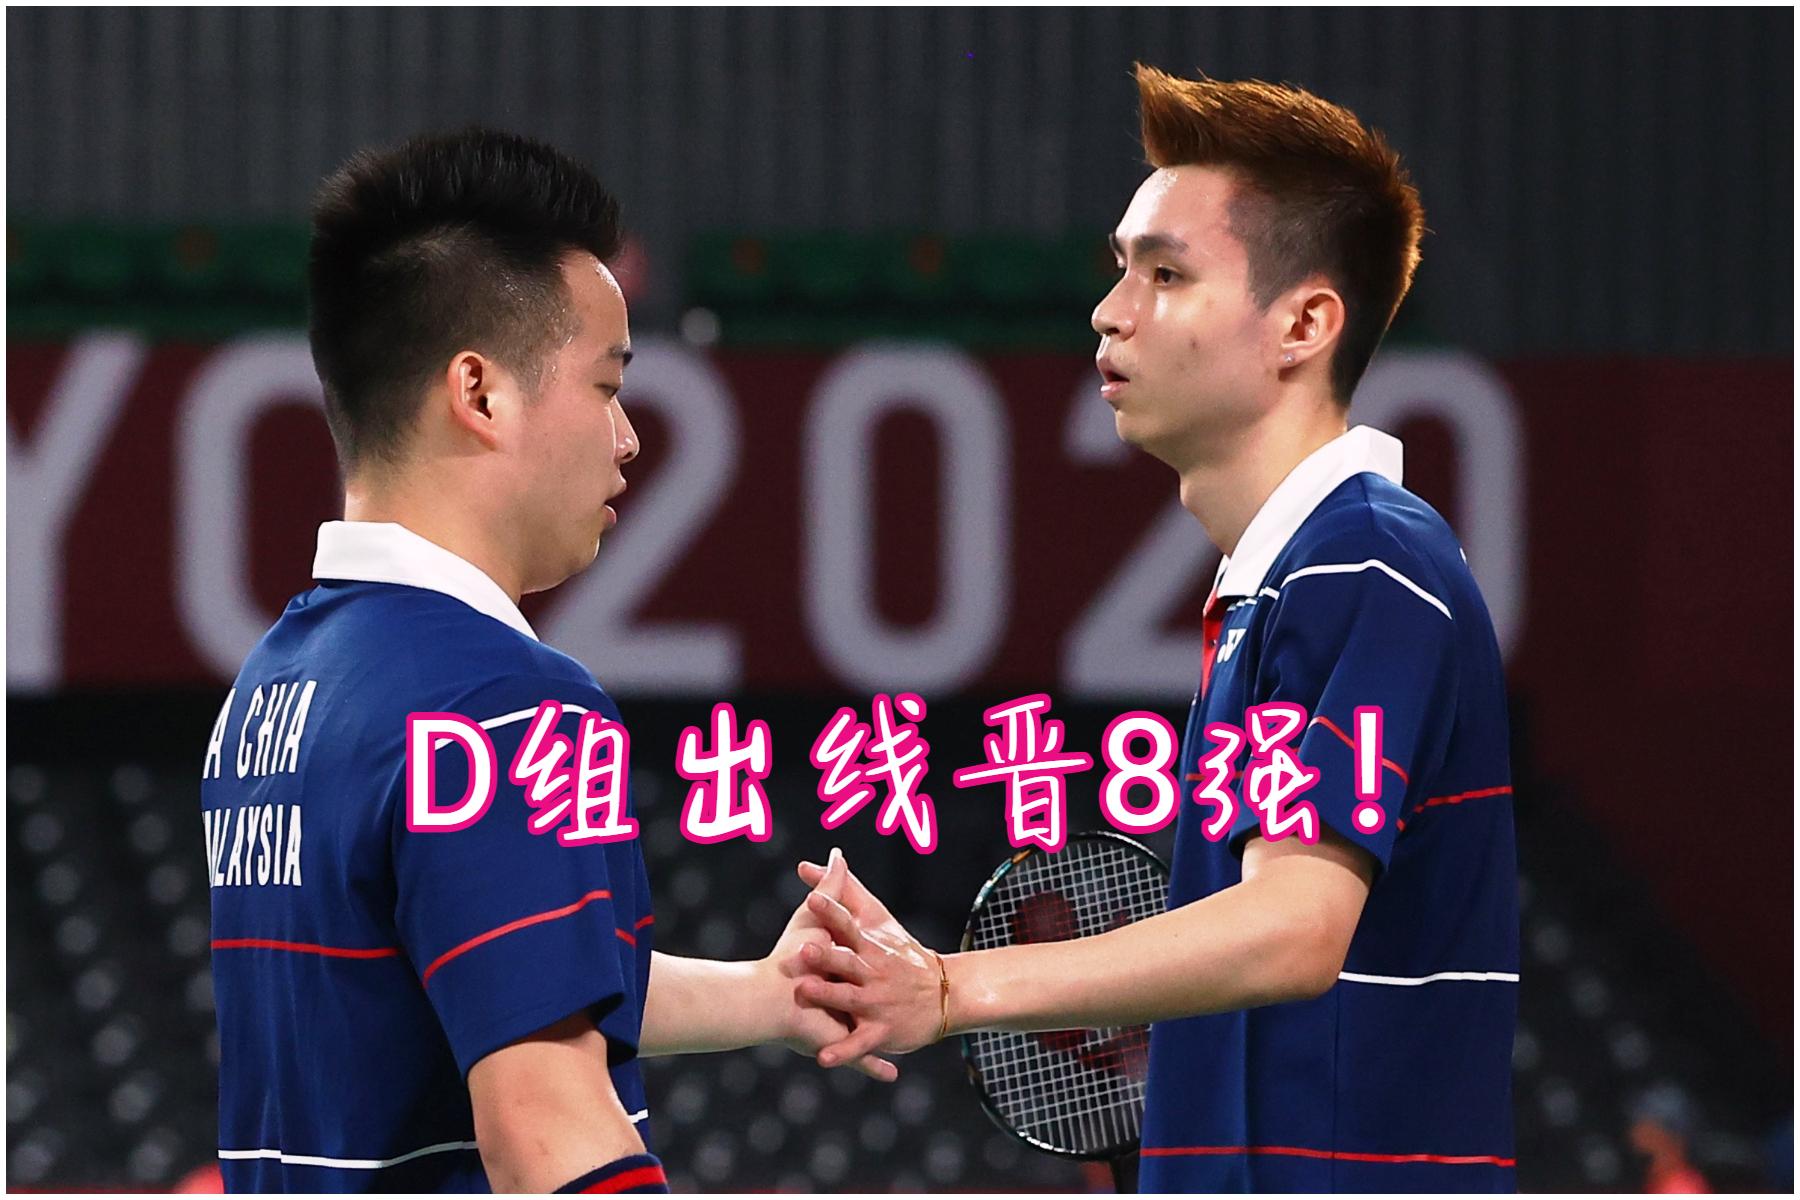 随着混双和女双铩羽,谢定峰(左)和苏伟译也成为马羽队唯一一支小组赛出线的双打组合。-路透社/精彩大马制图-